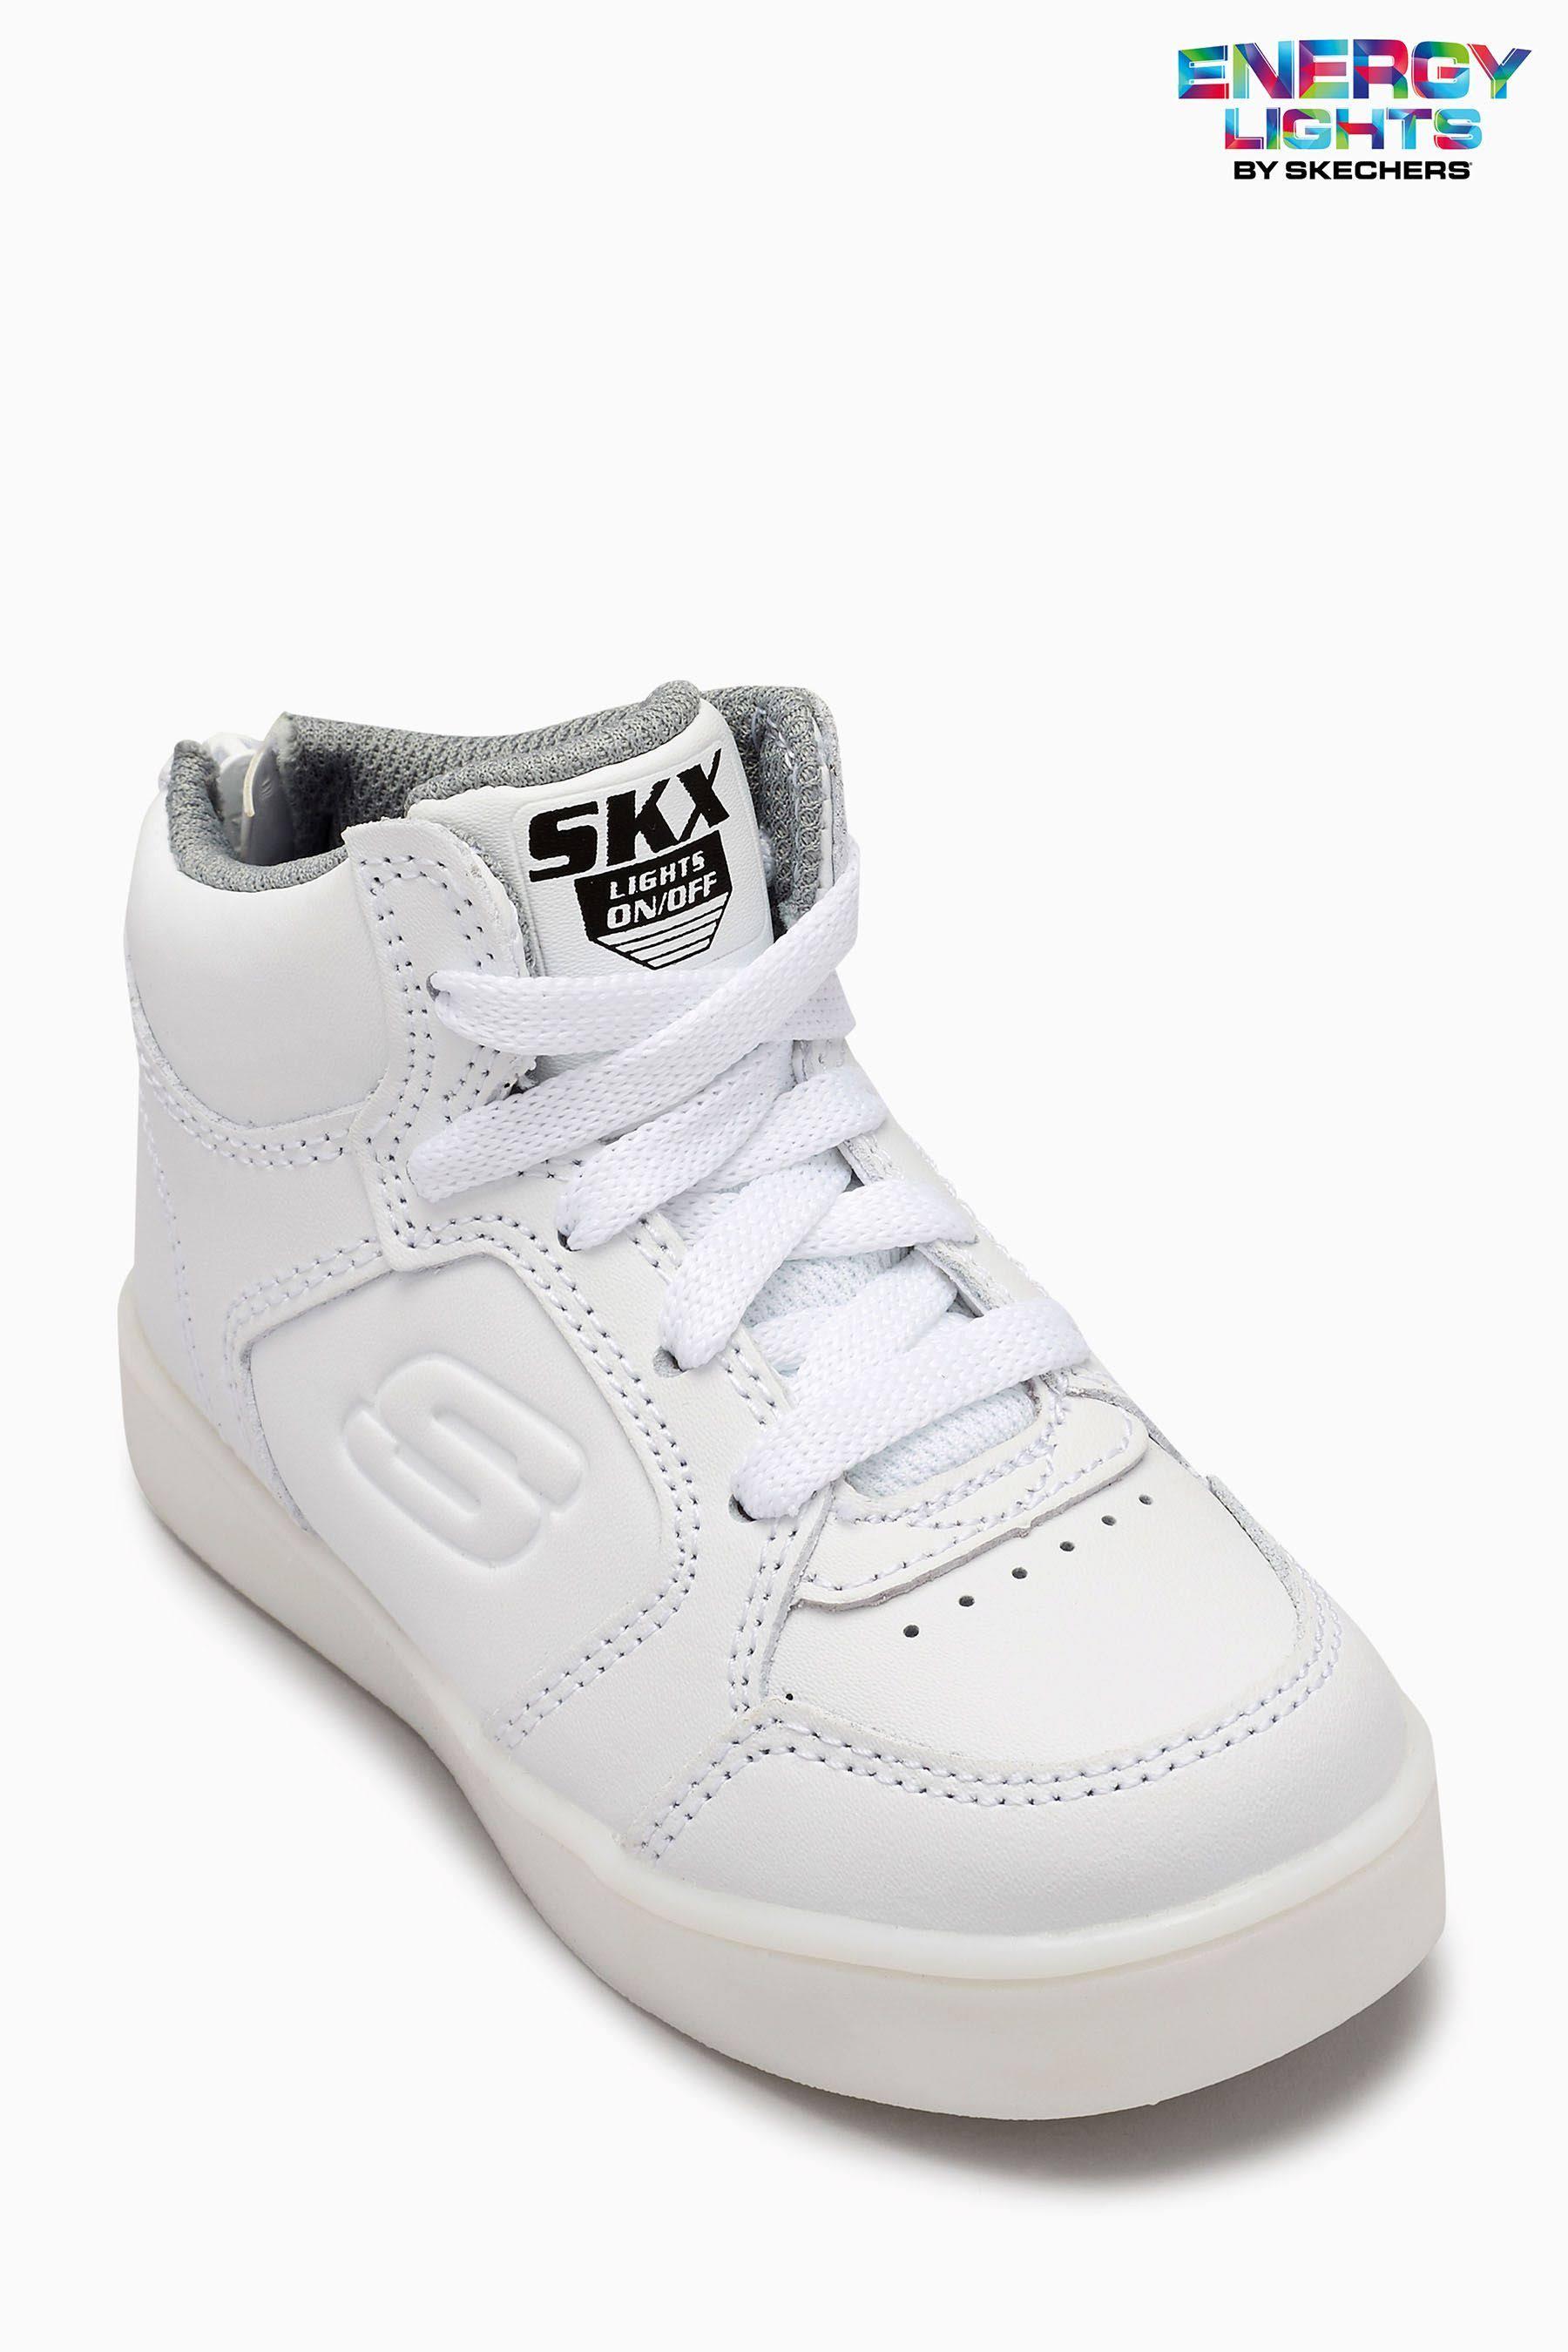 Pequeños Skechers Energy Blanco Para De Boys Deporte Niños Zapatillas Lights 88r7pzcqH